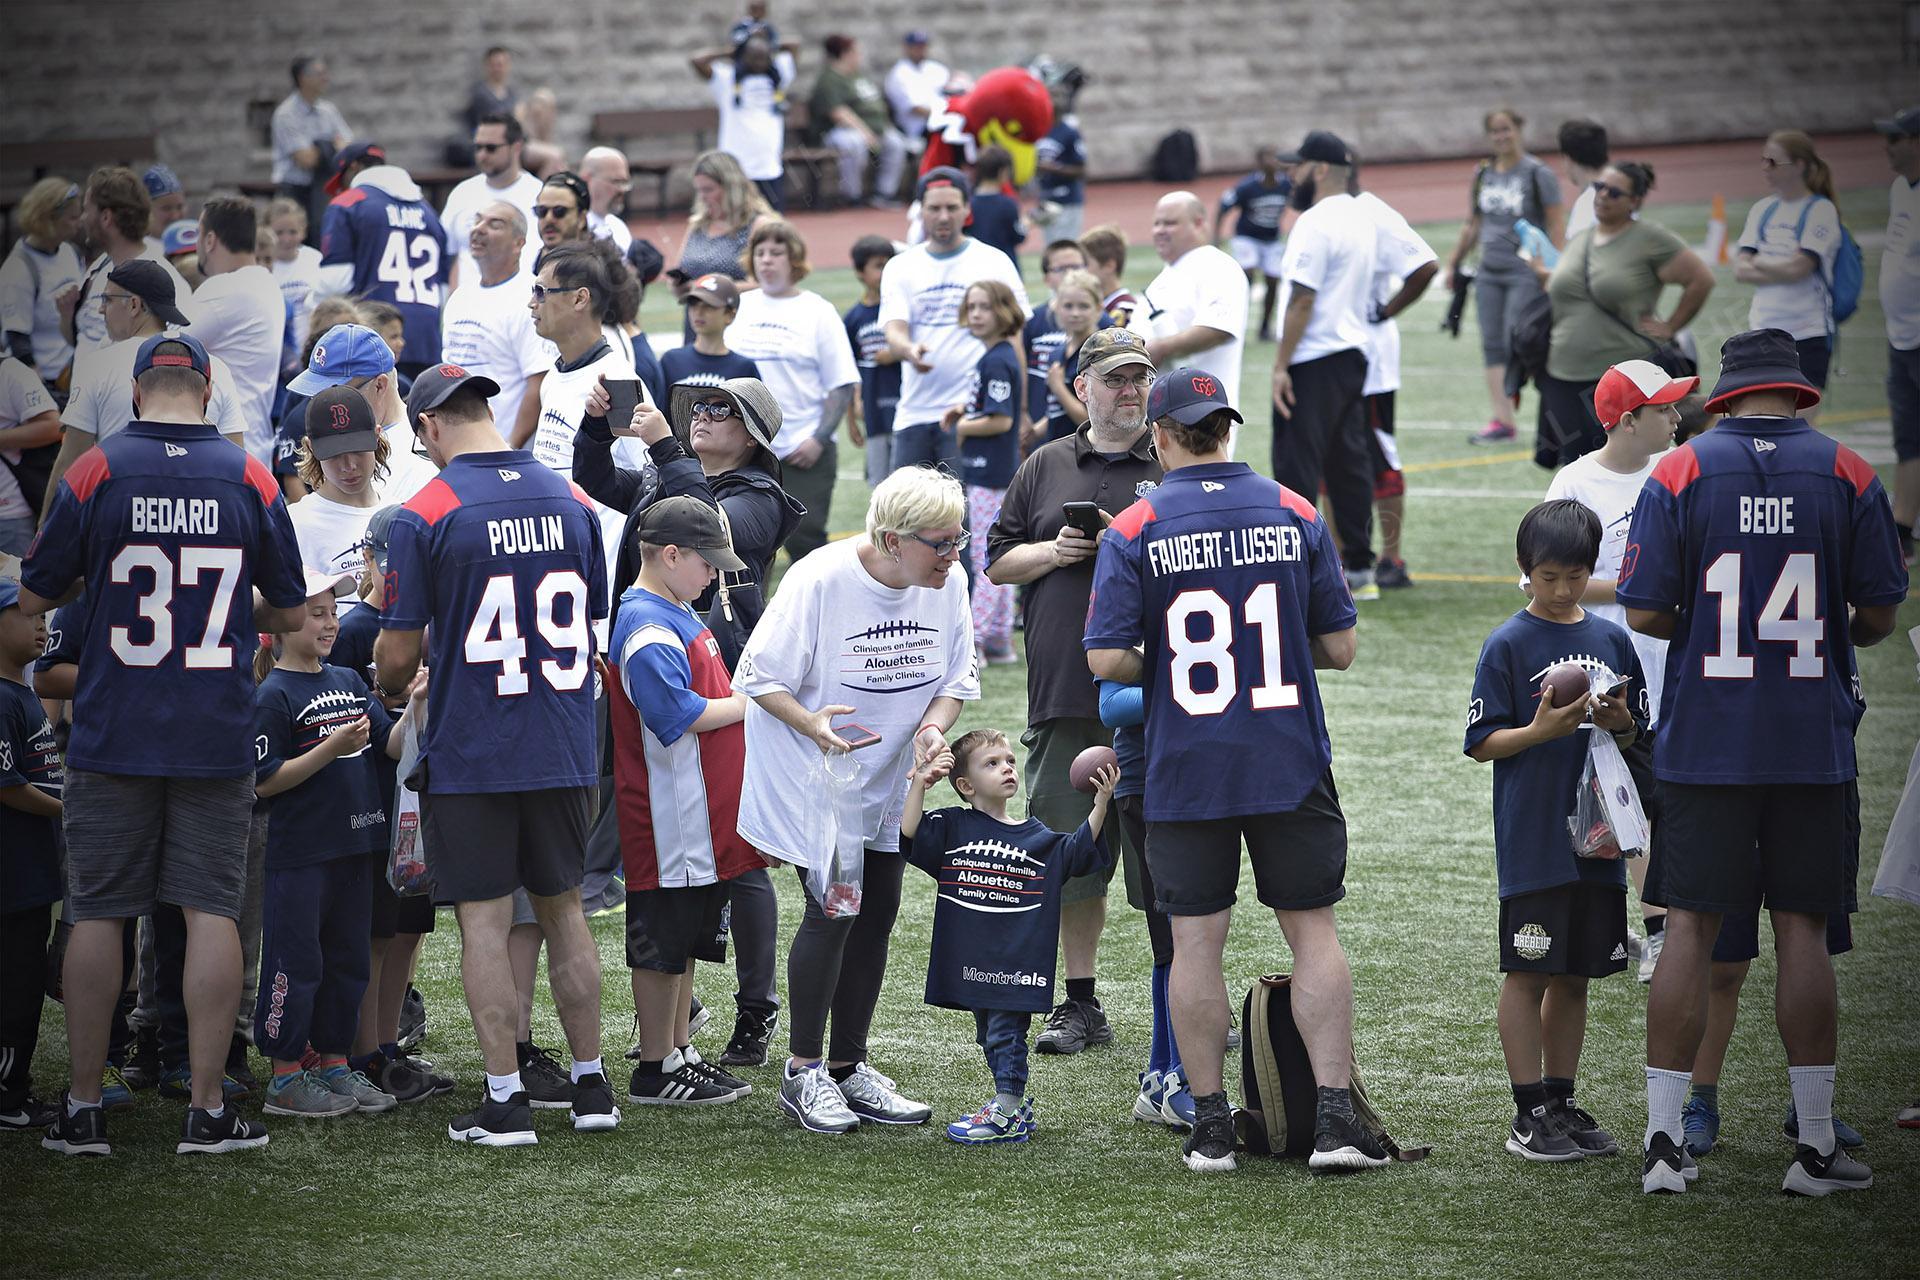 Cliniques Football des Alouettes de Montréal plusieurs joueurs des Alouettes signent des autographes pour les familles